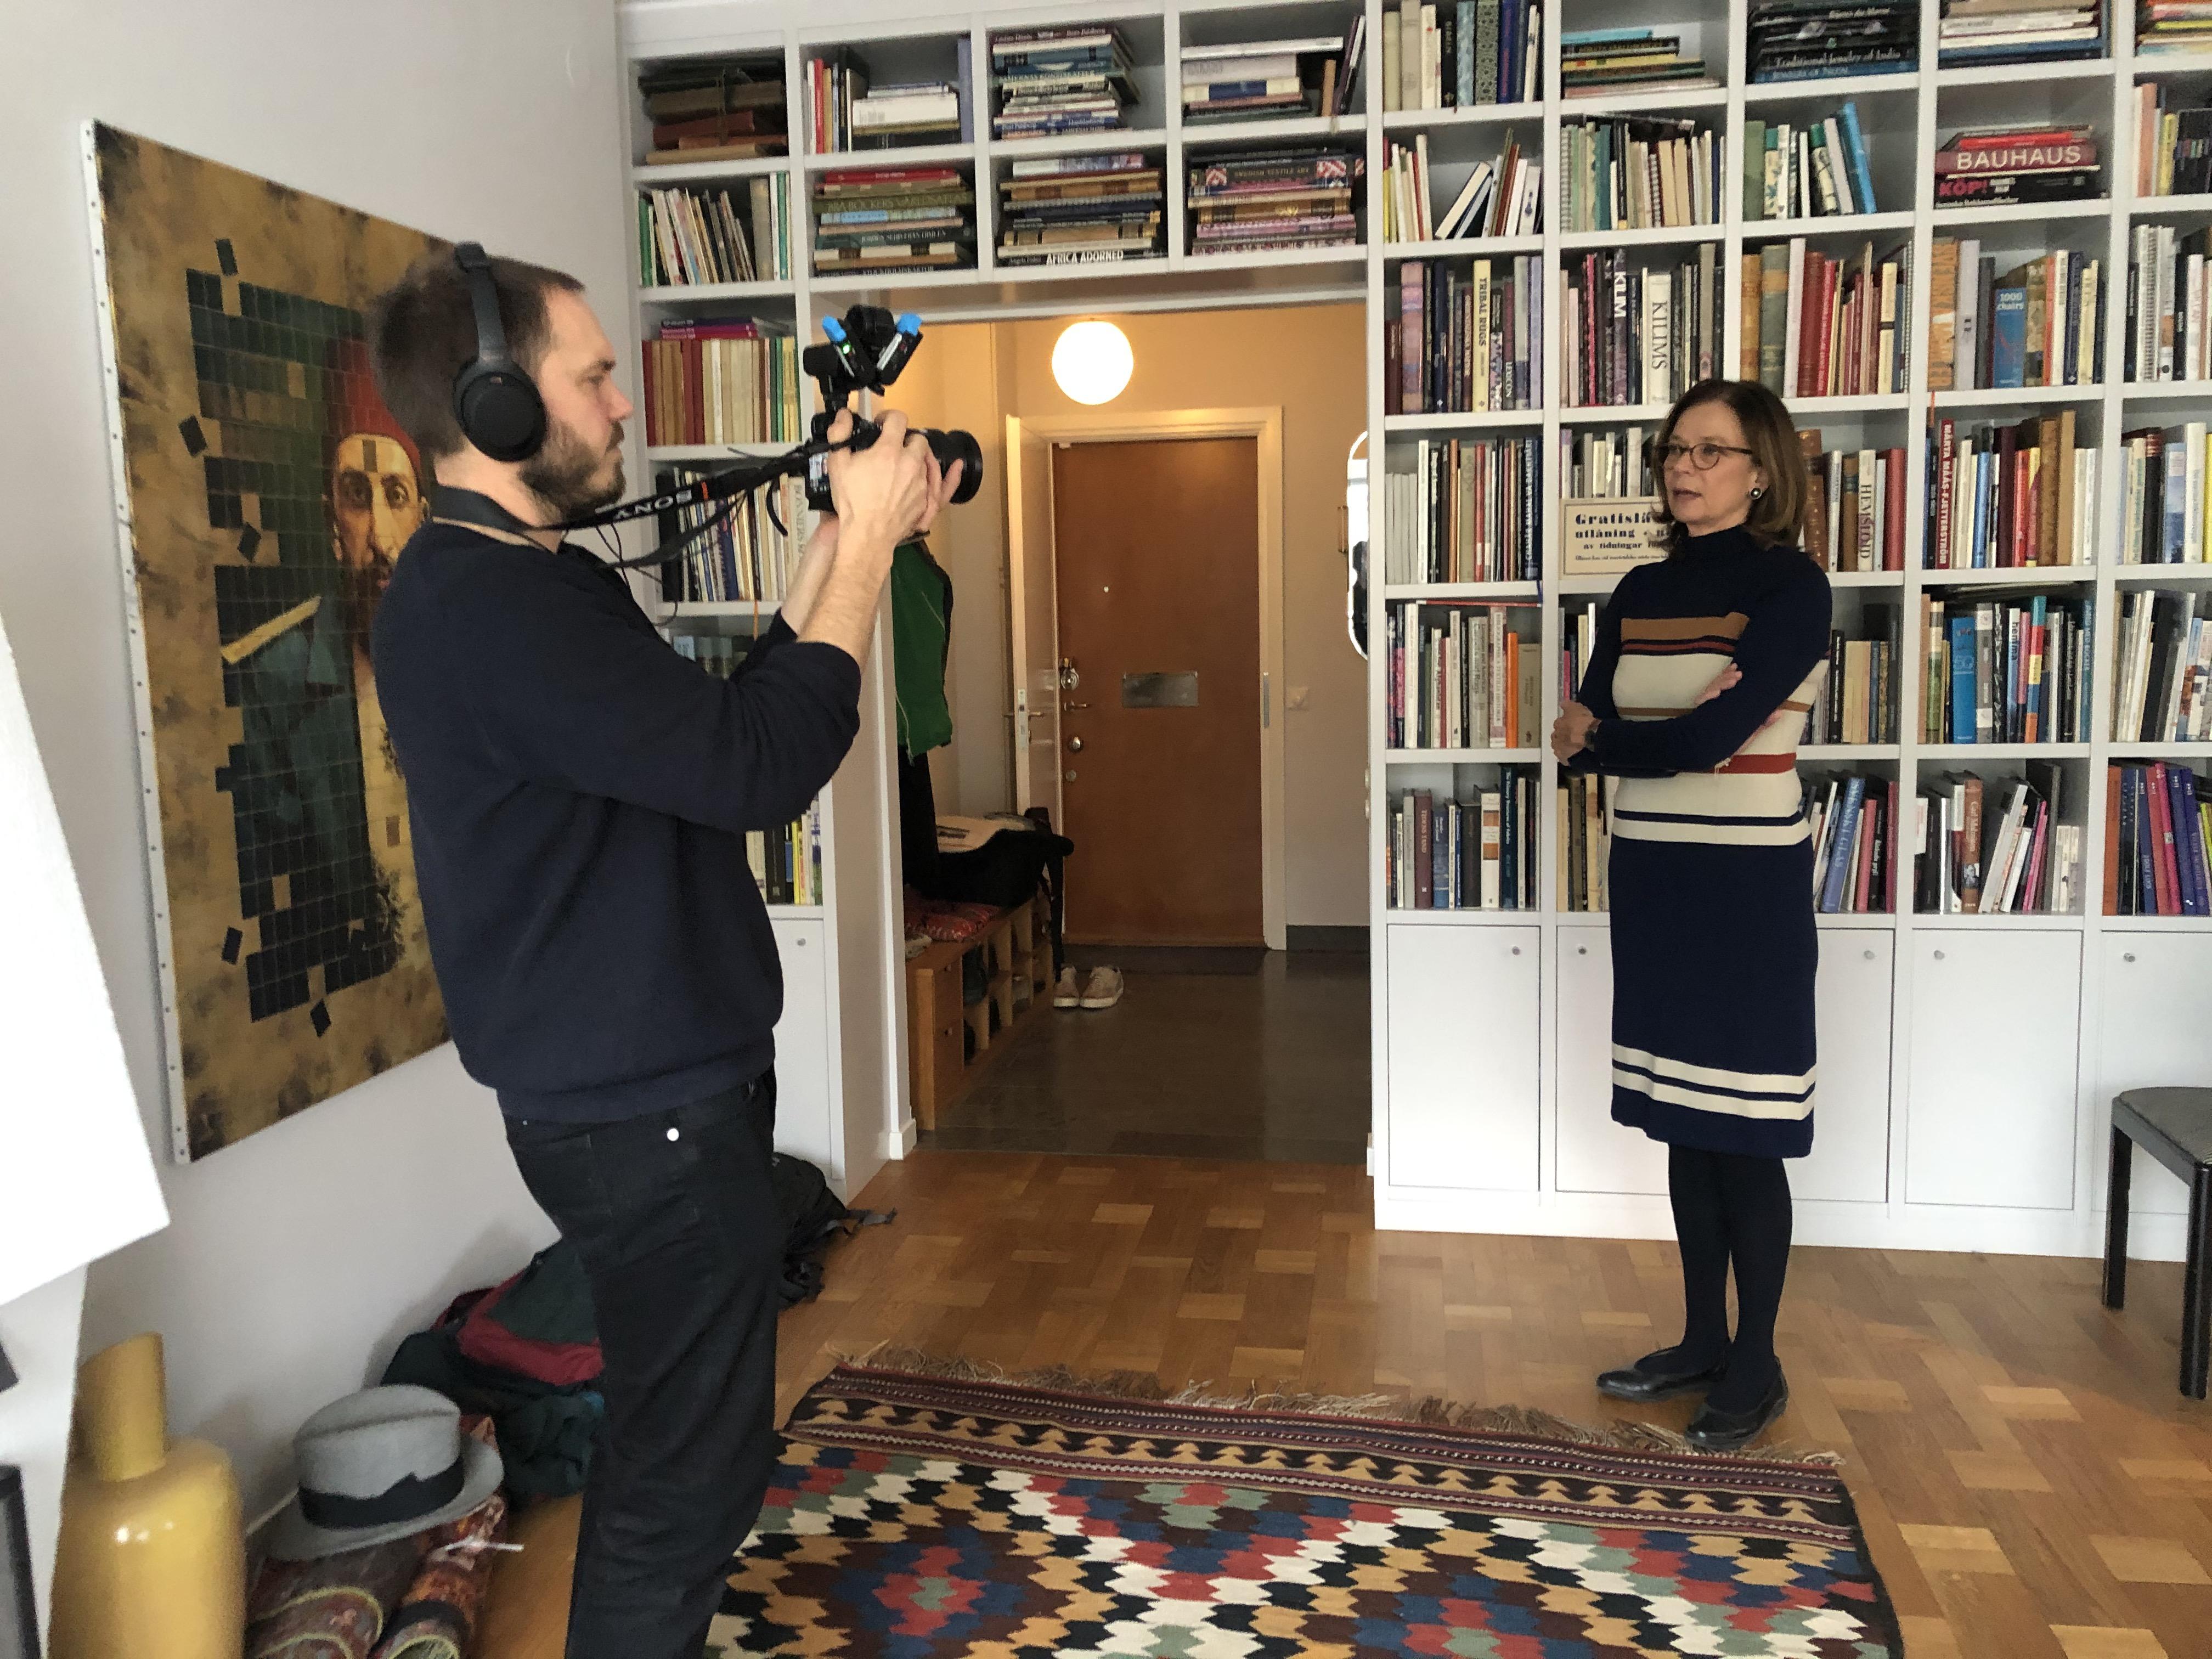 Anne-Marie i SVT 2019-11-29